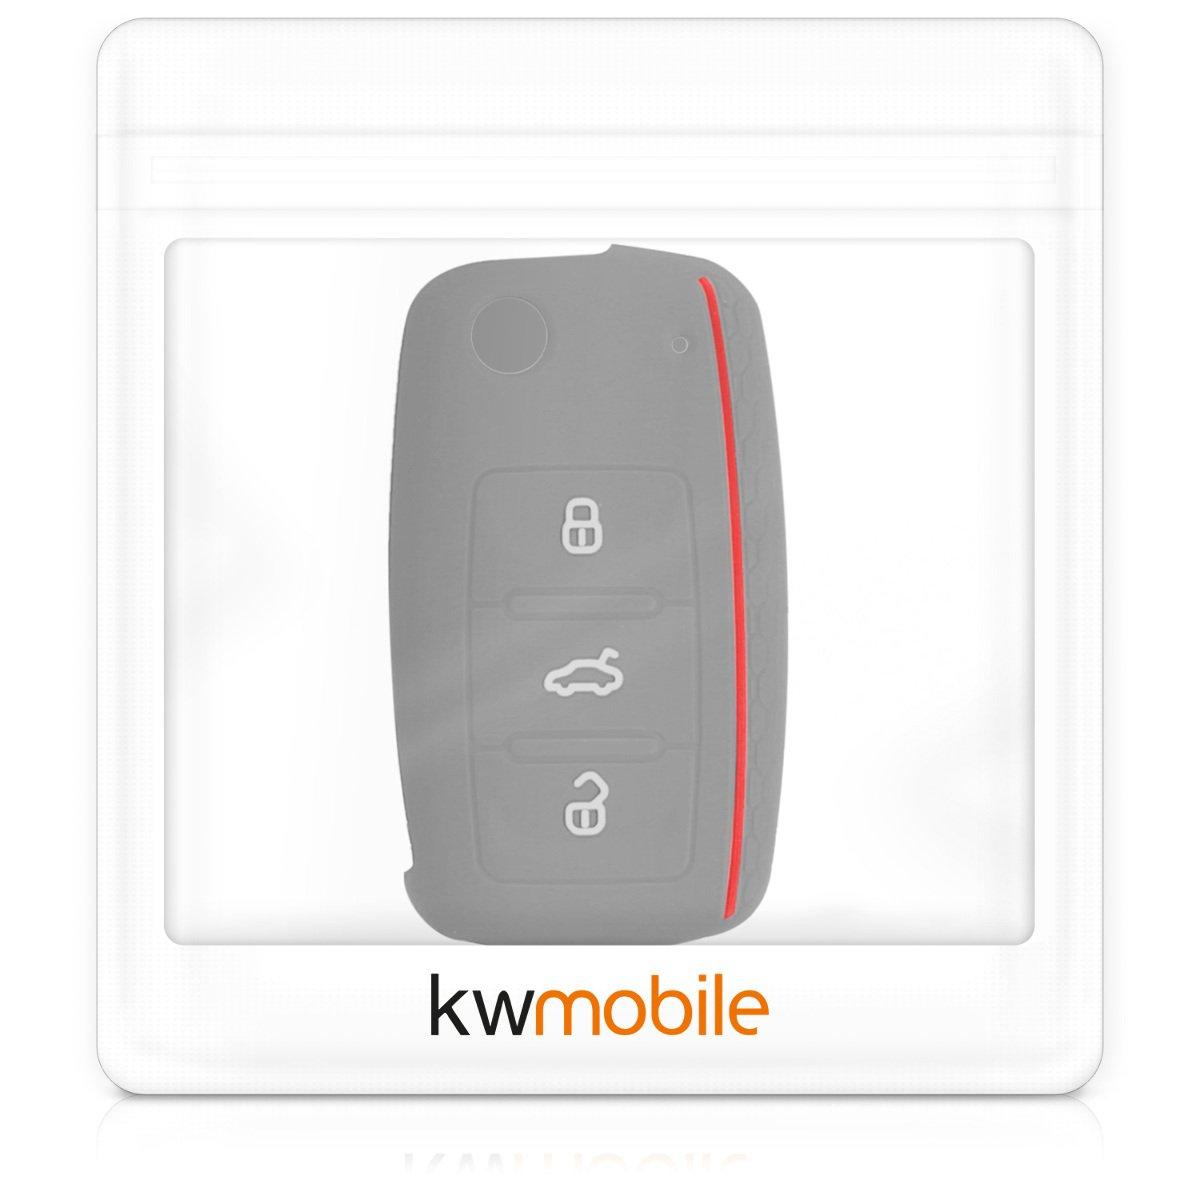 Guscio Protettivo coprichiave Protezione in Silicone Custodia per Chiave VW Skoda Seat con 3 Tasti kwmobile Cover Chiave Auto per VW Skoda Seat